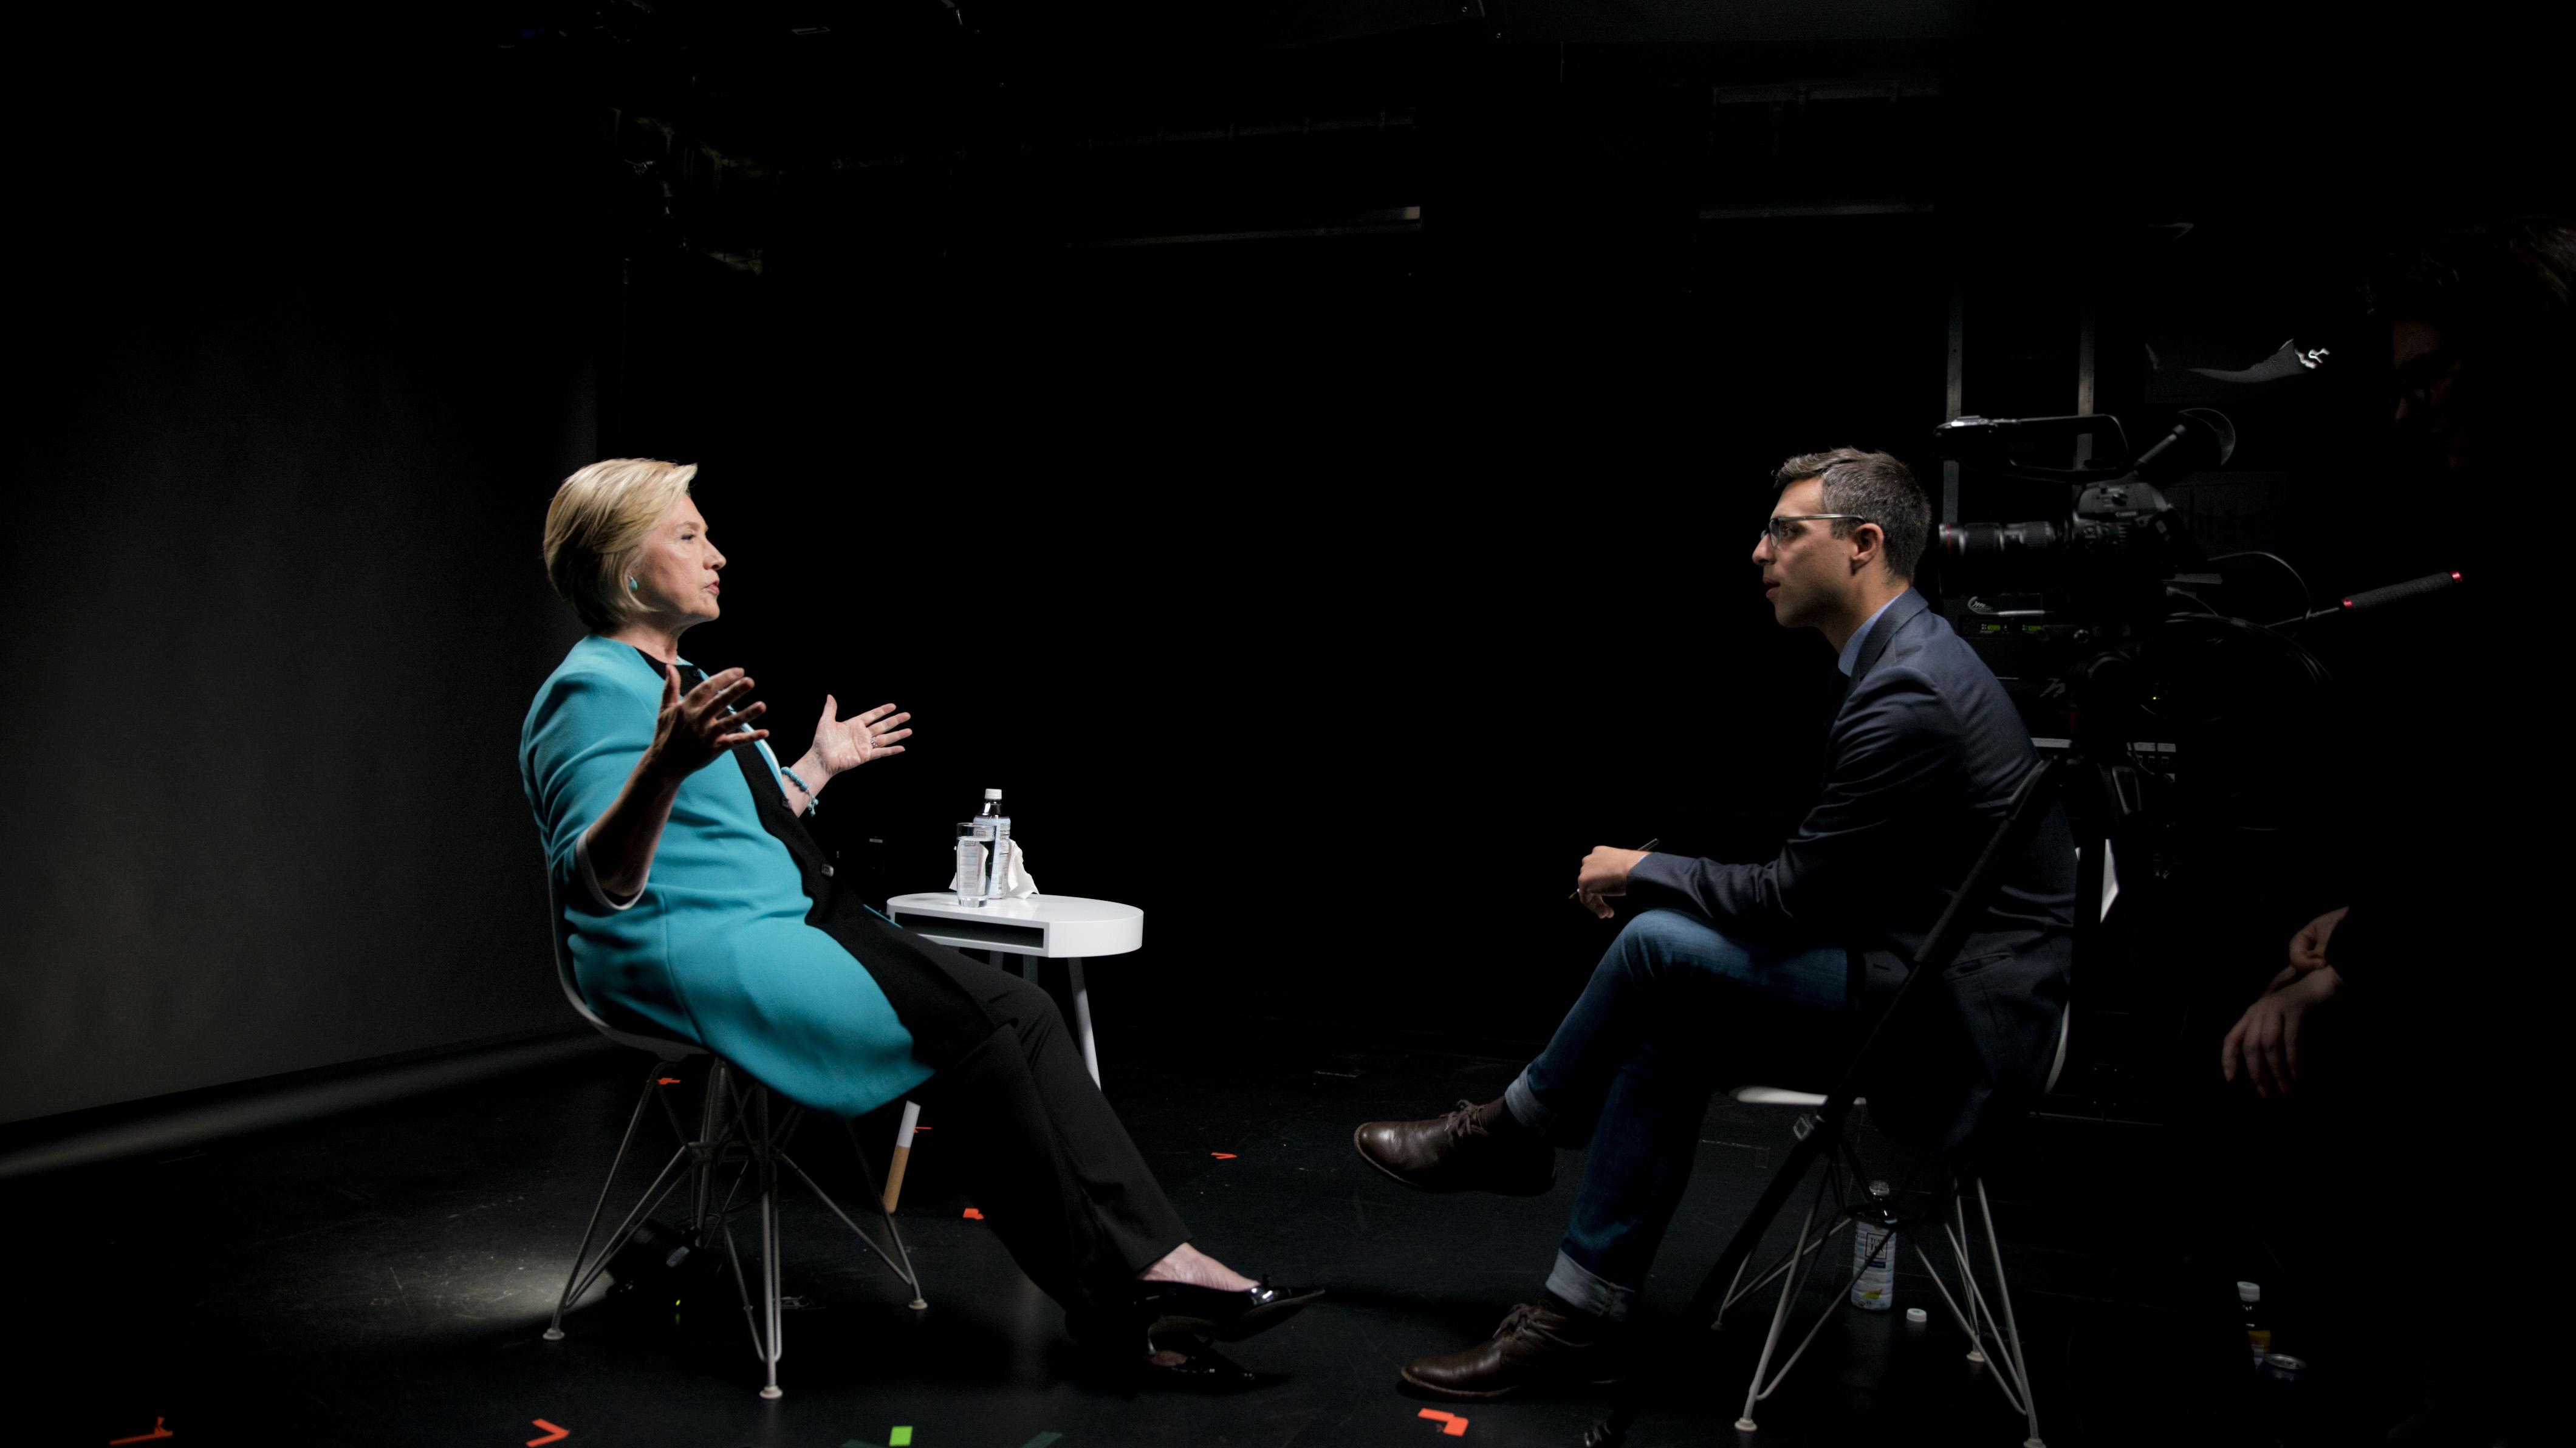 Hillary Clinton and Ezra Klein